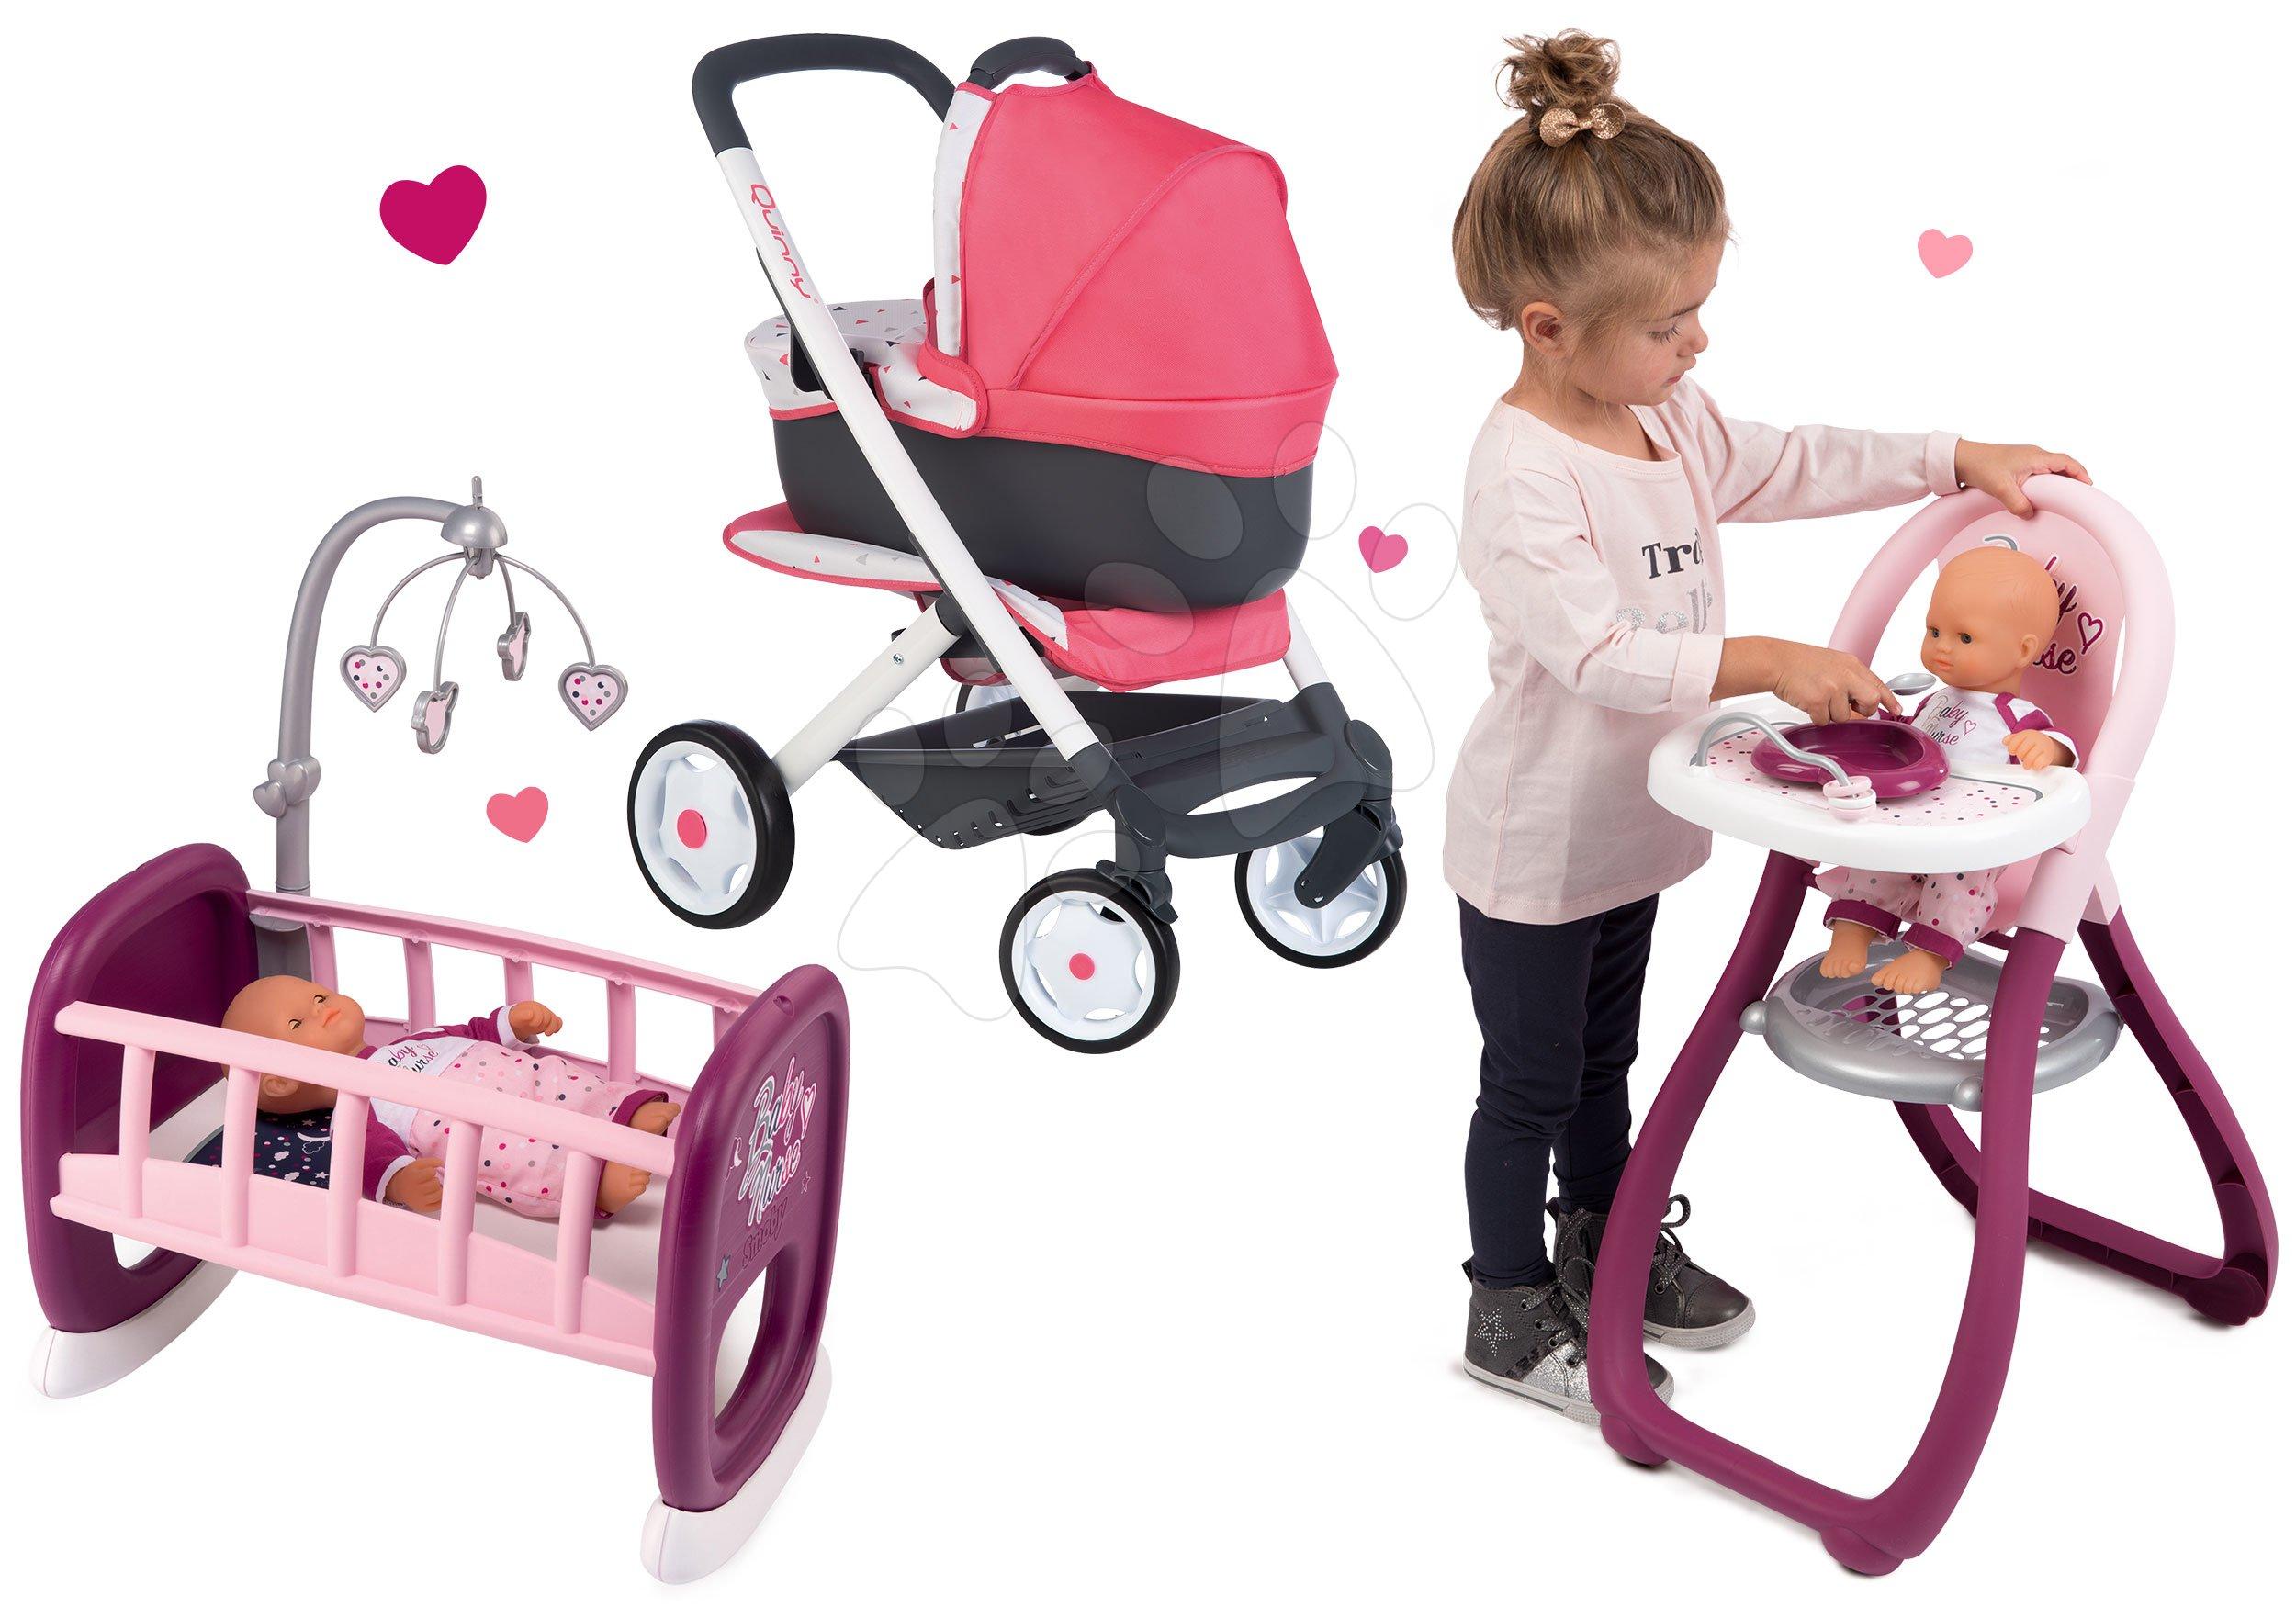 Set kočárek hluboký trojkombinace Trio Pastel Maxi Cosi & Quinny 3v1 Smoby a jídelní židle a kolébka Baby Nurse